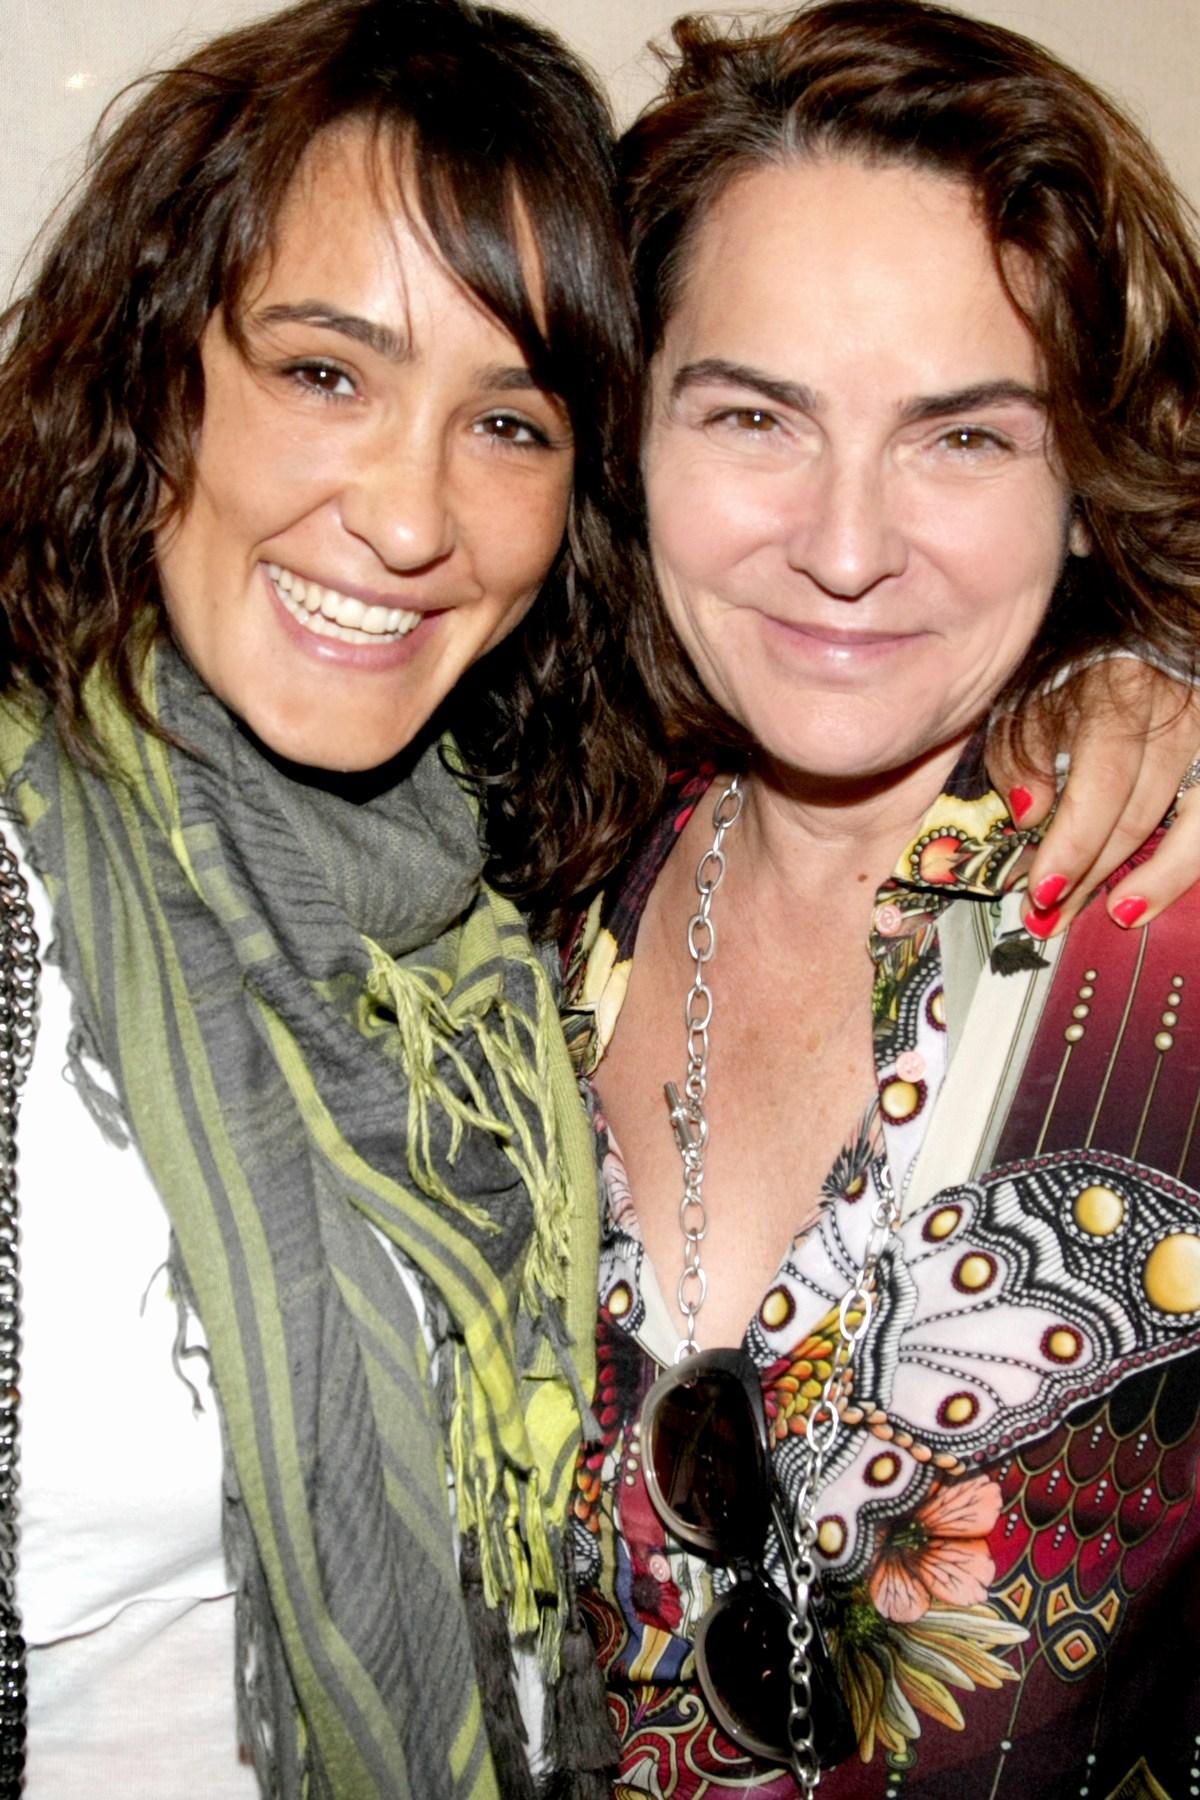 joia brasil -VanVan e Amanda Seiler